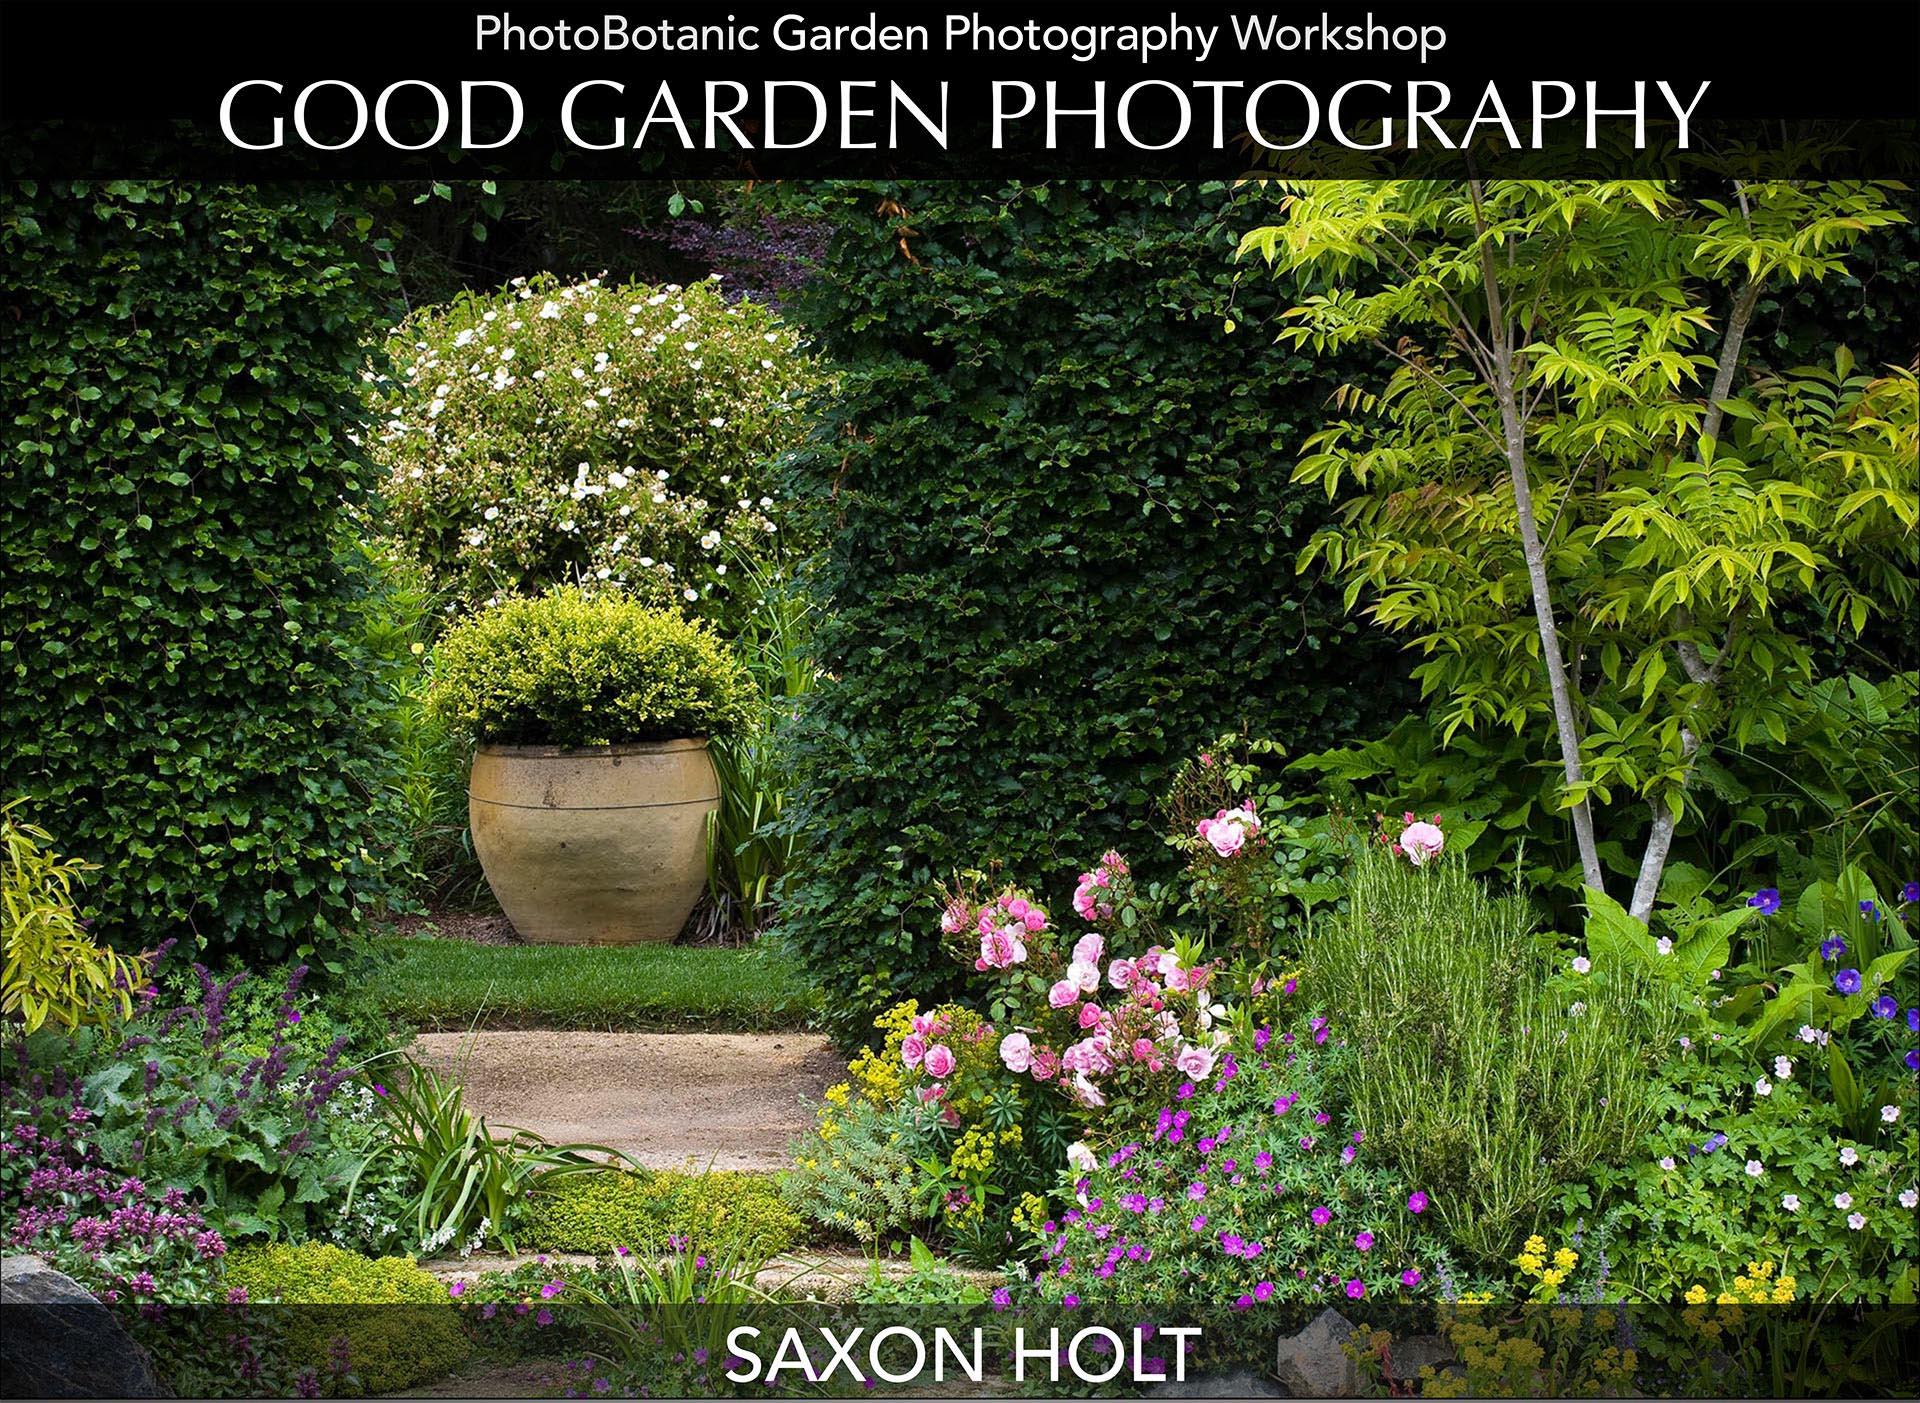 Good Garden Photography